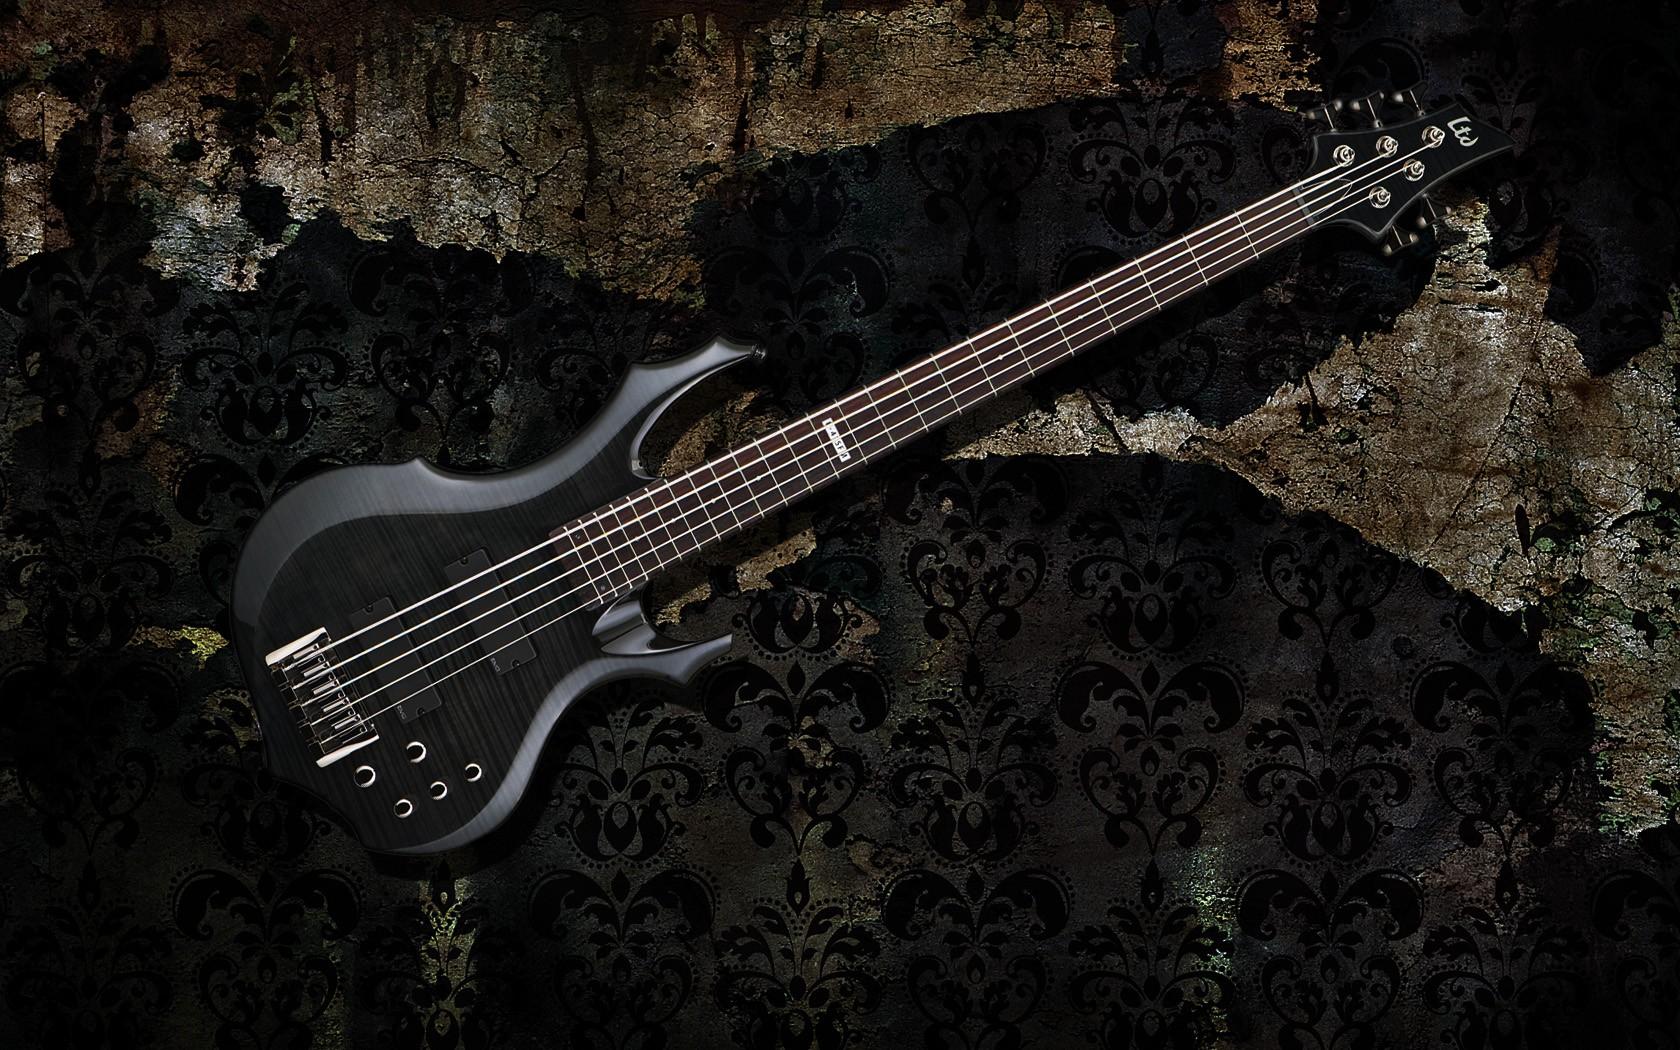 Music Bass Wallpaper 1680x1050 Music Bass Guitars Bass Guitars 1680x1050